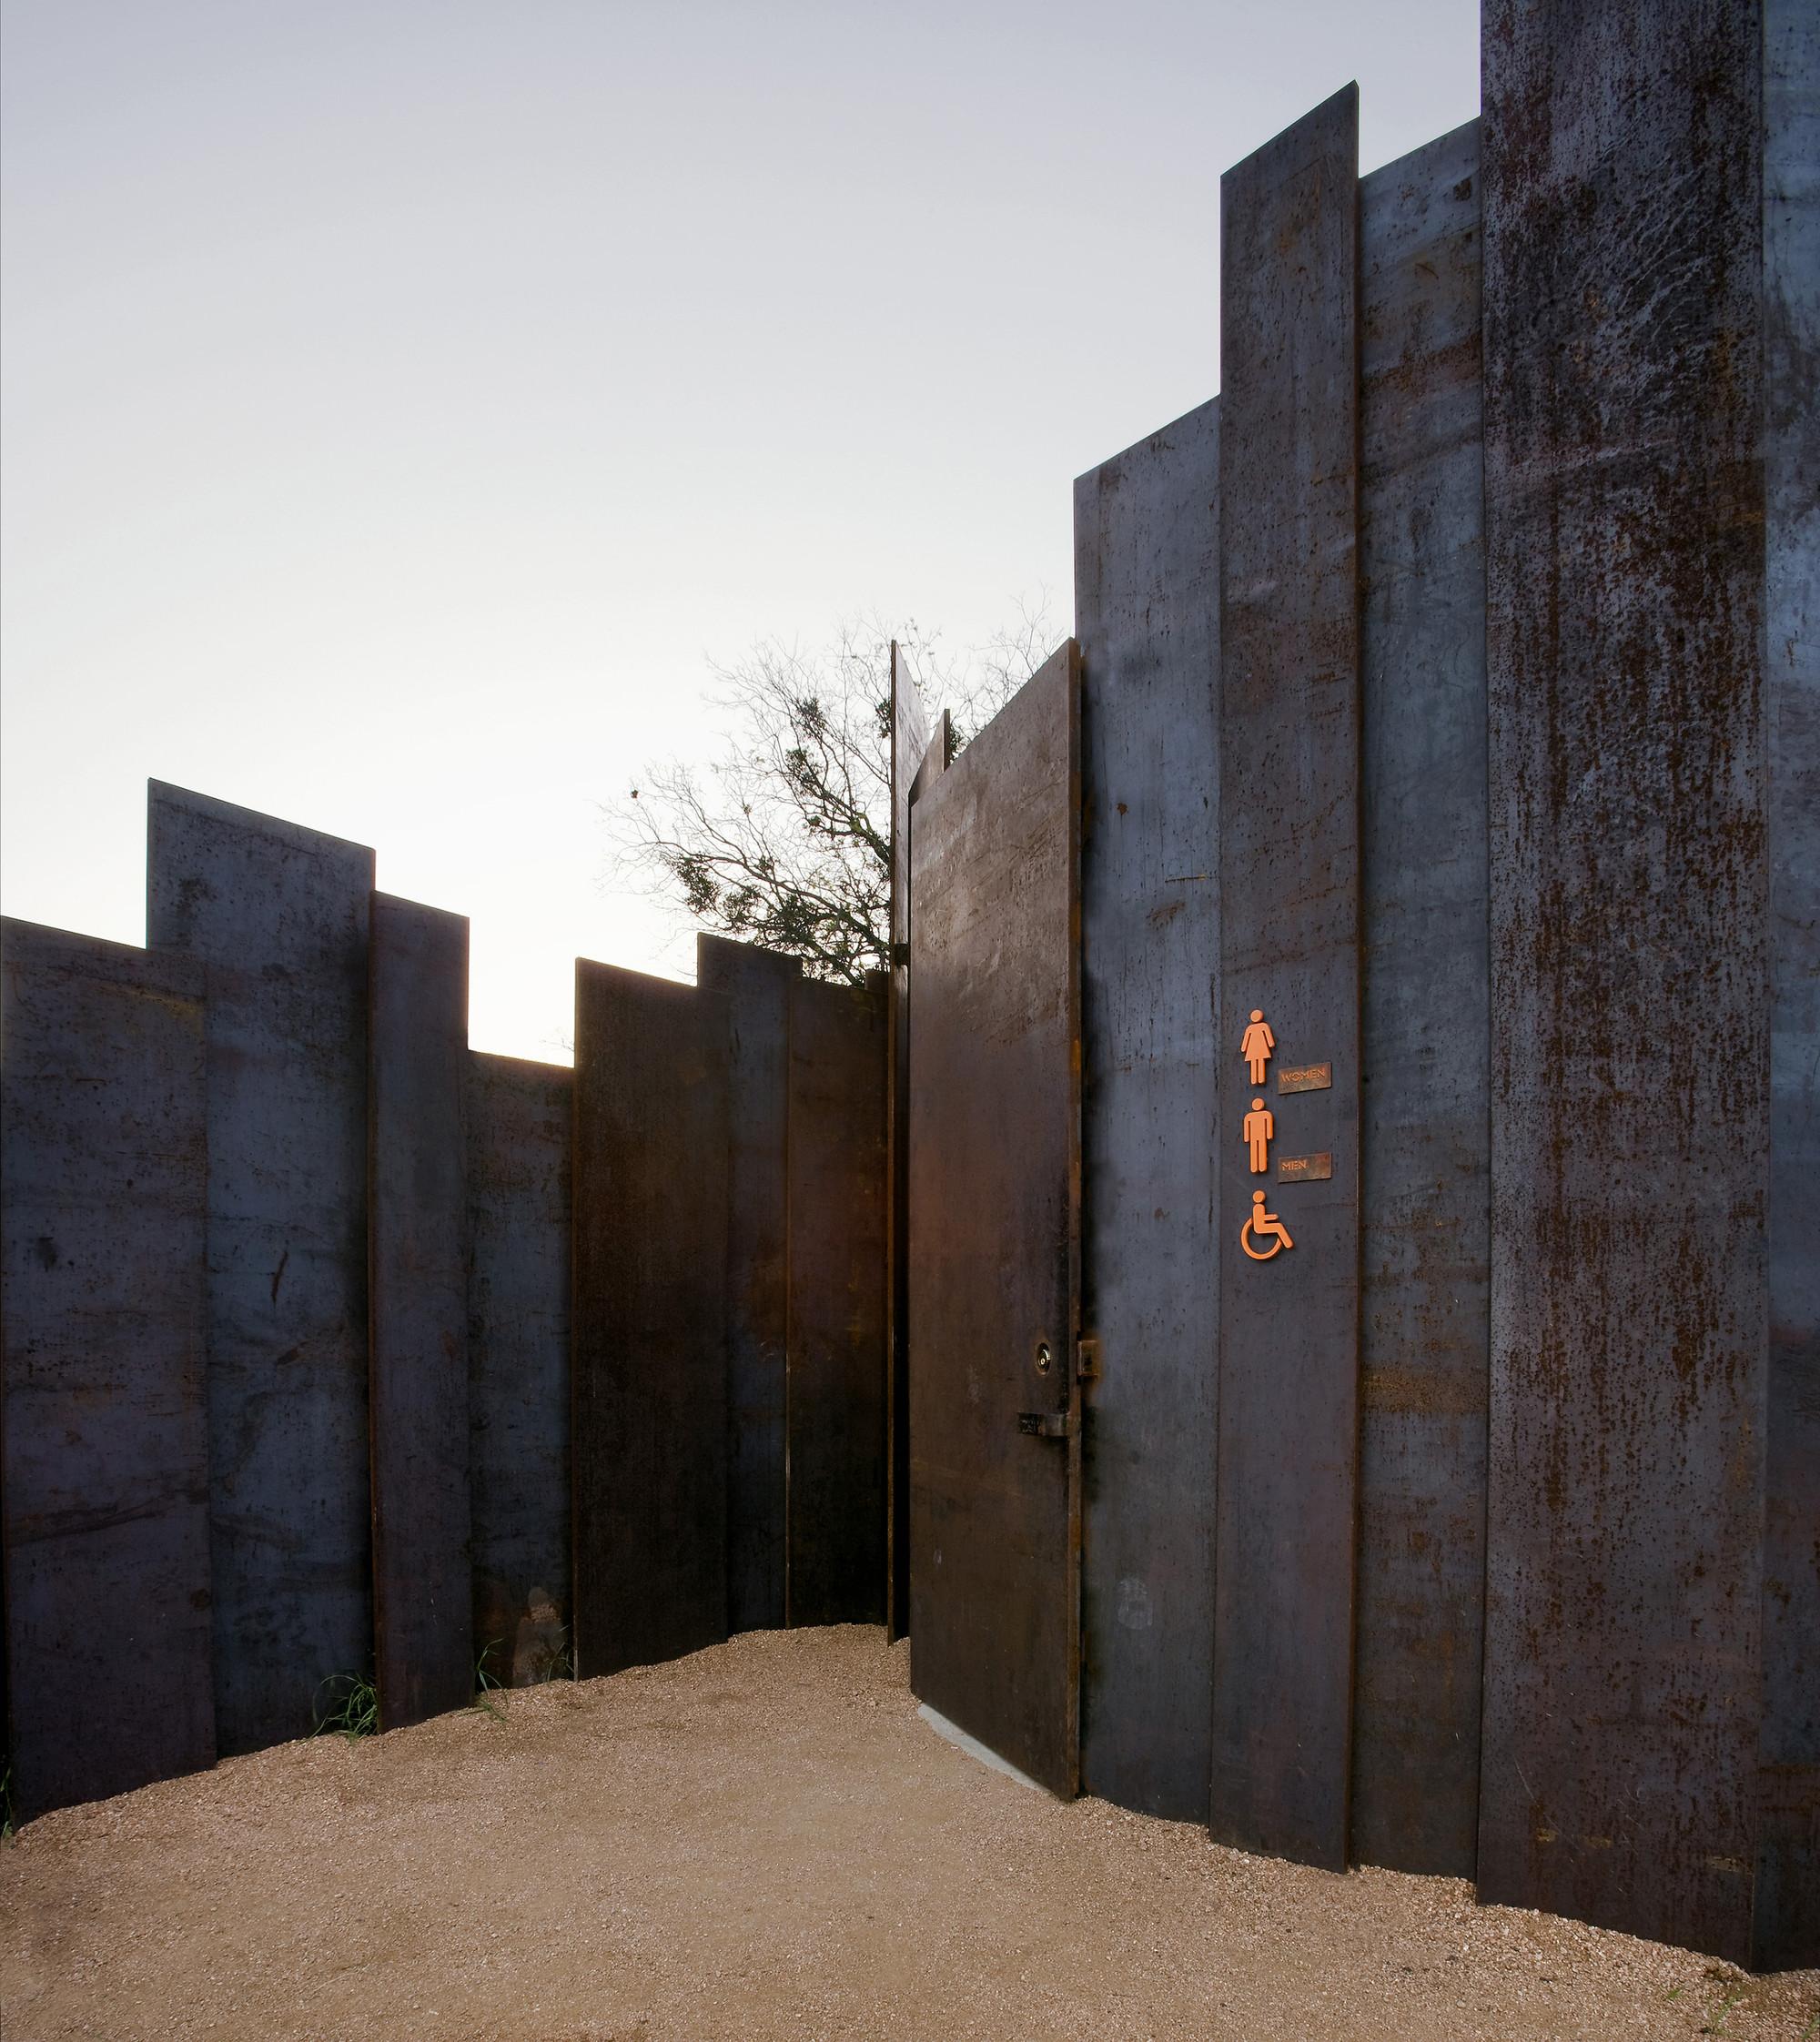 Galeria de Banheiro Público / Miro Rivera Architects 3 #A65425 2000 2244